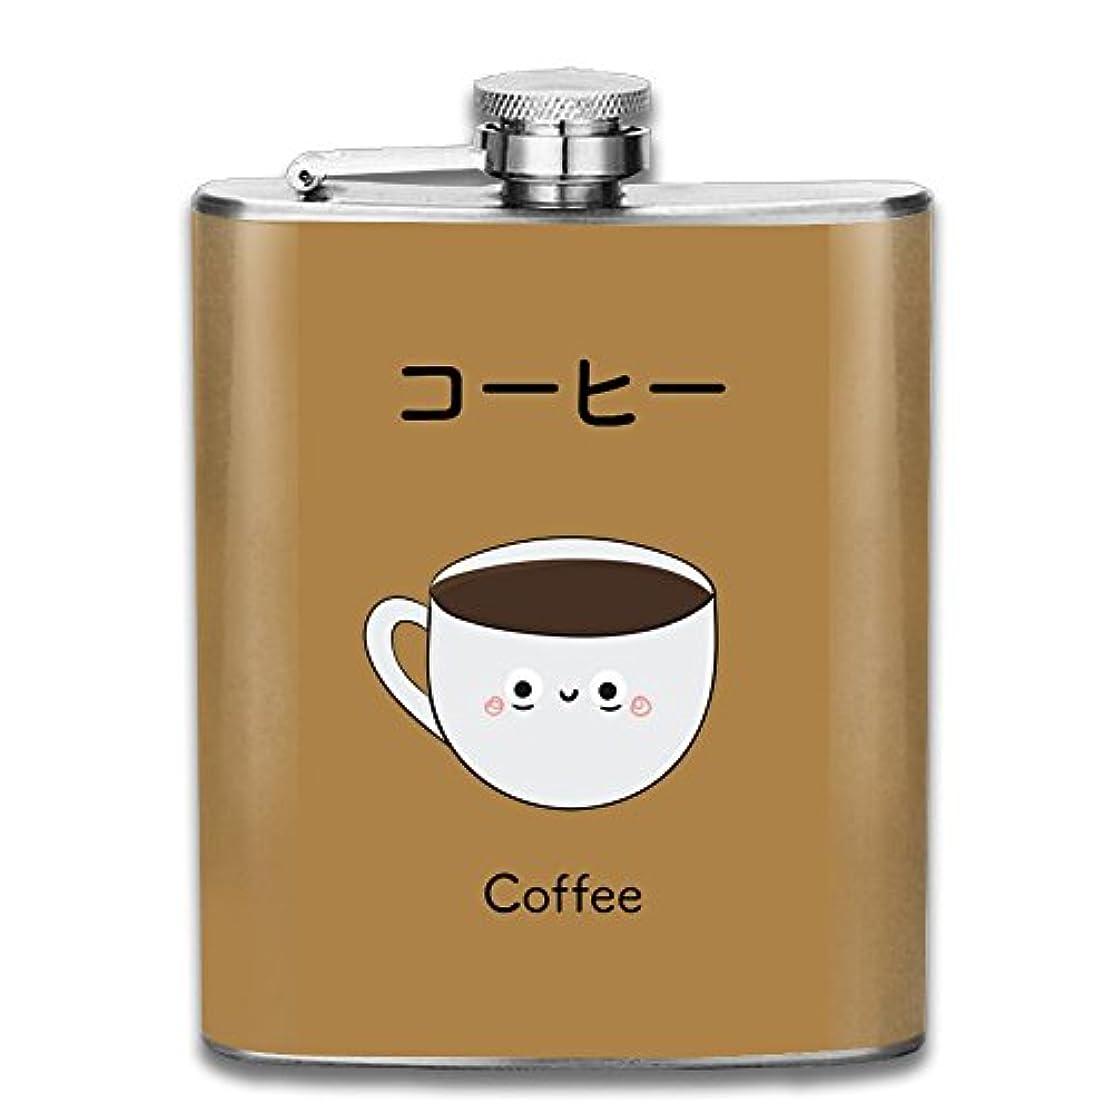 アジア人頑固なに賛成コーヒー フラスコ スキットル ヒップフラスコ 7オンス 206ml 高品質ステンレス製 ウイスキー アルコール 清酒 携帯 ボトル